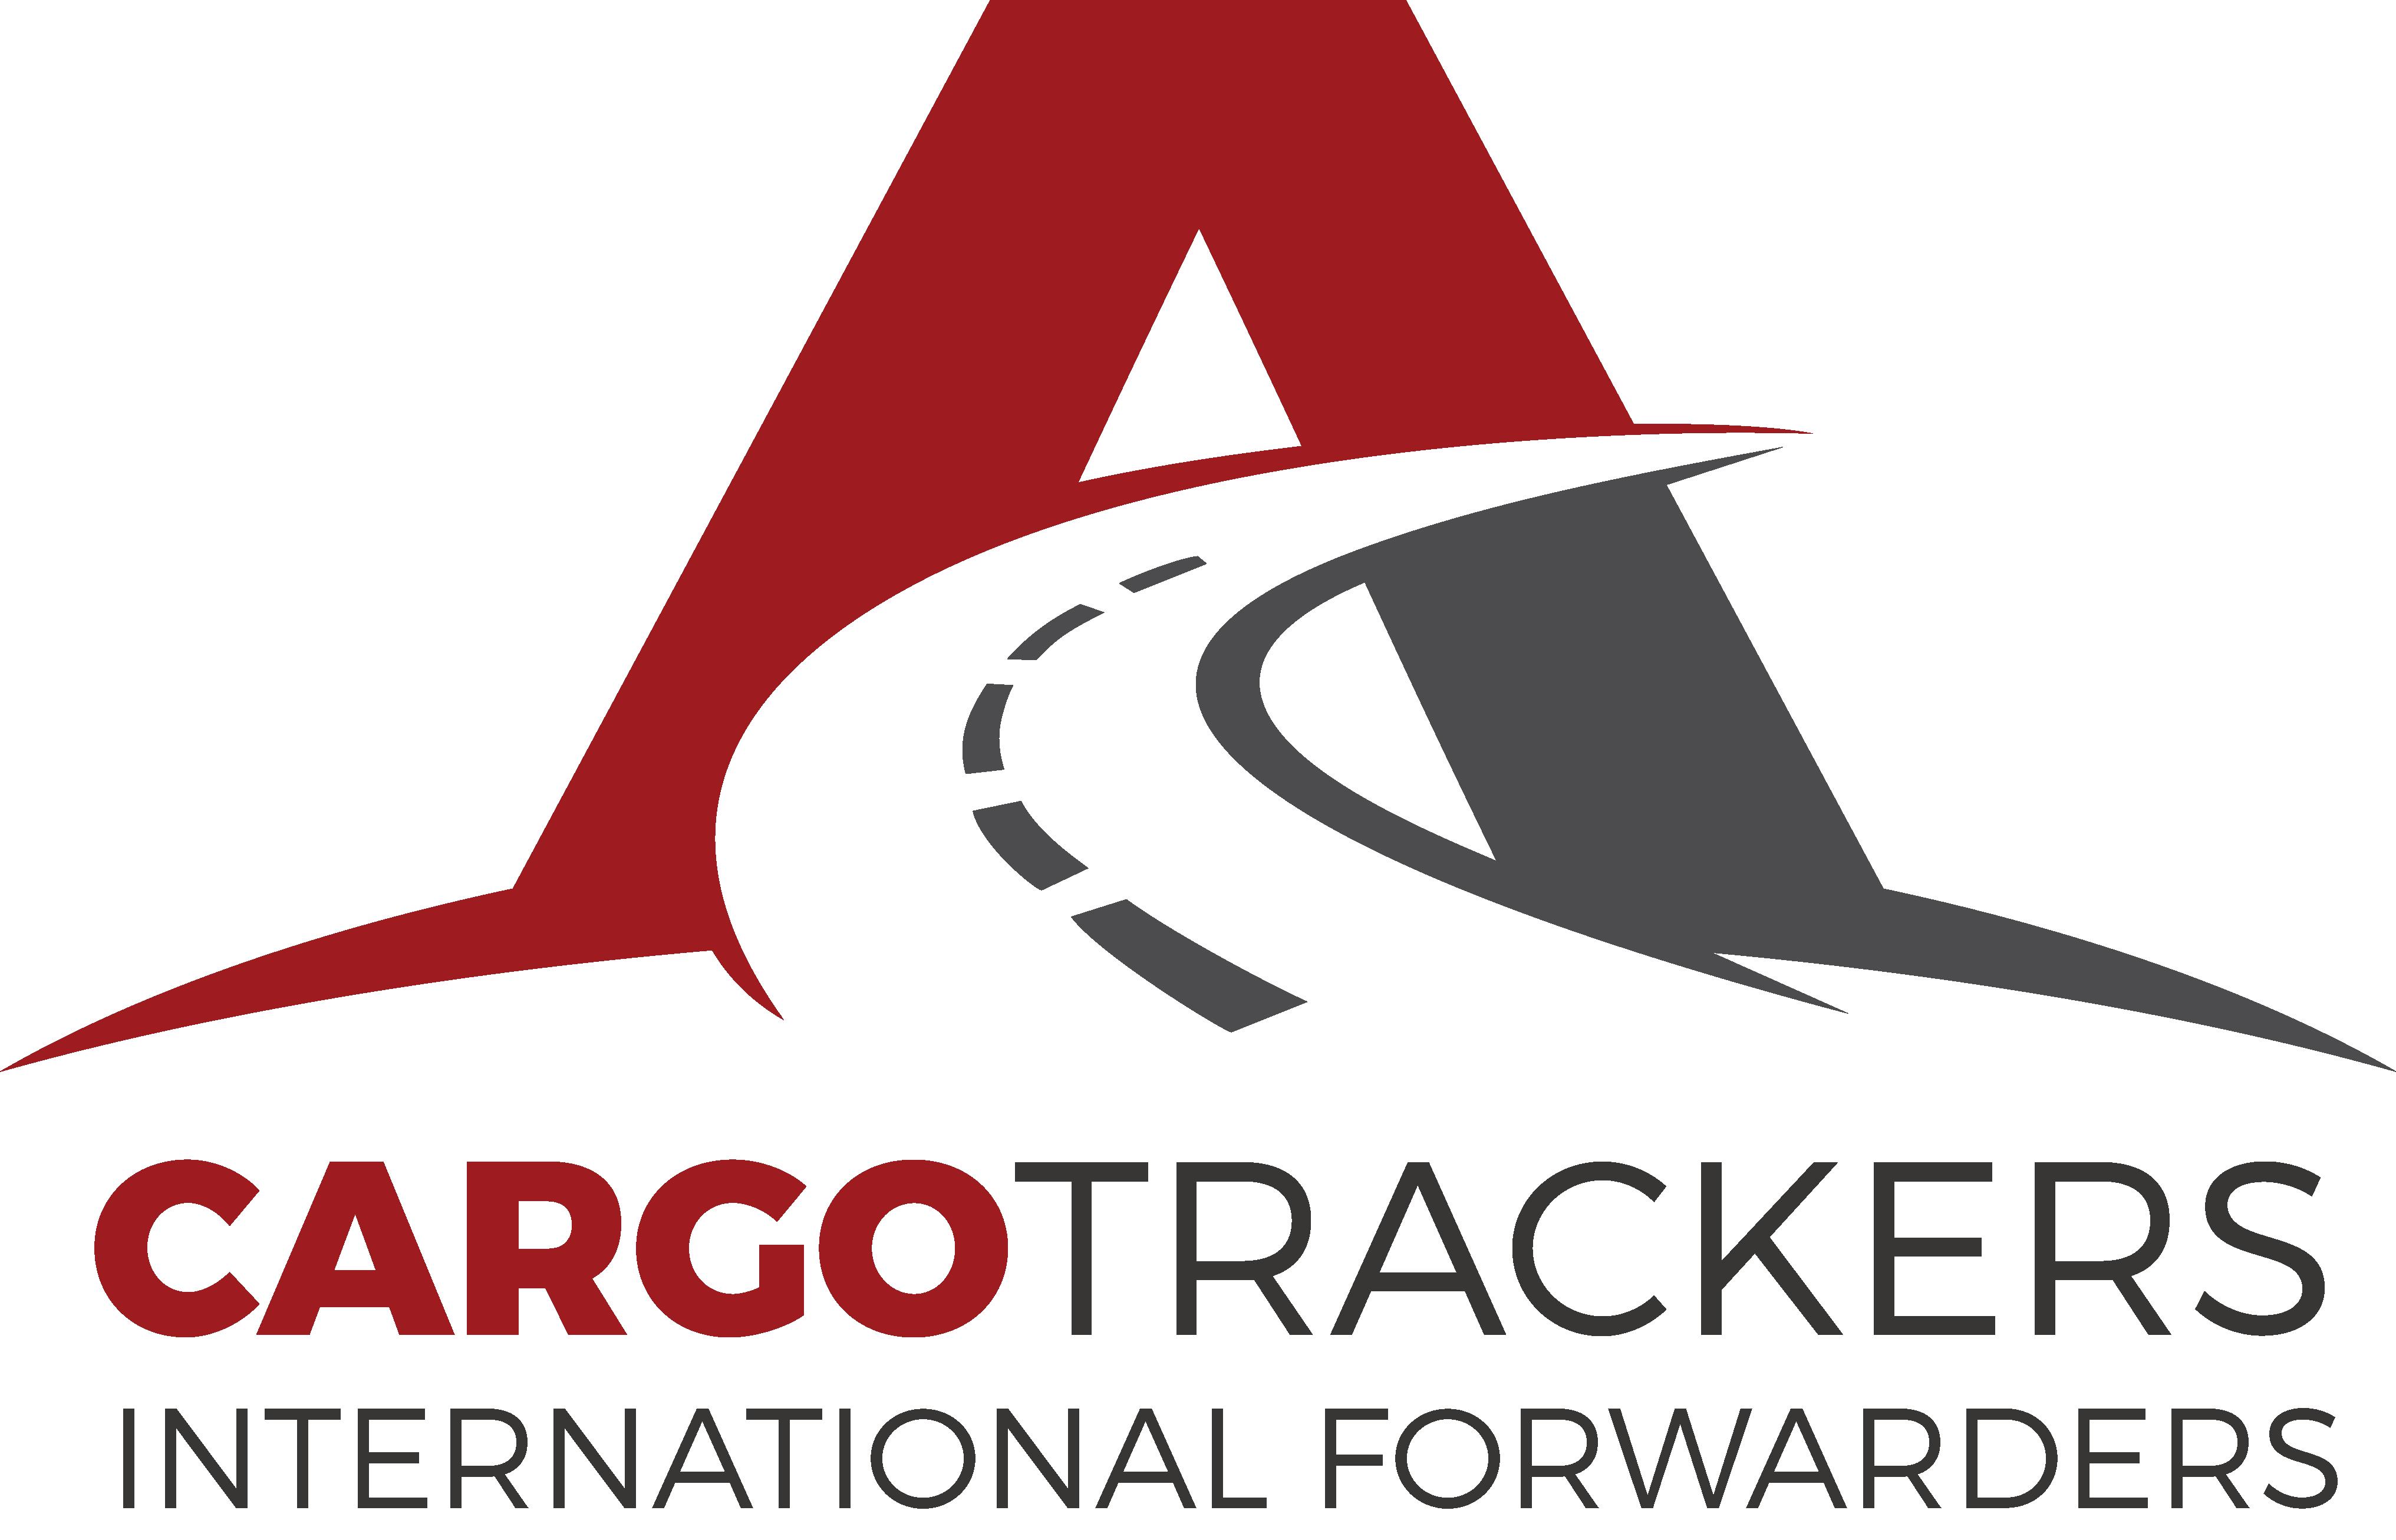 Cargotrackers